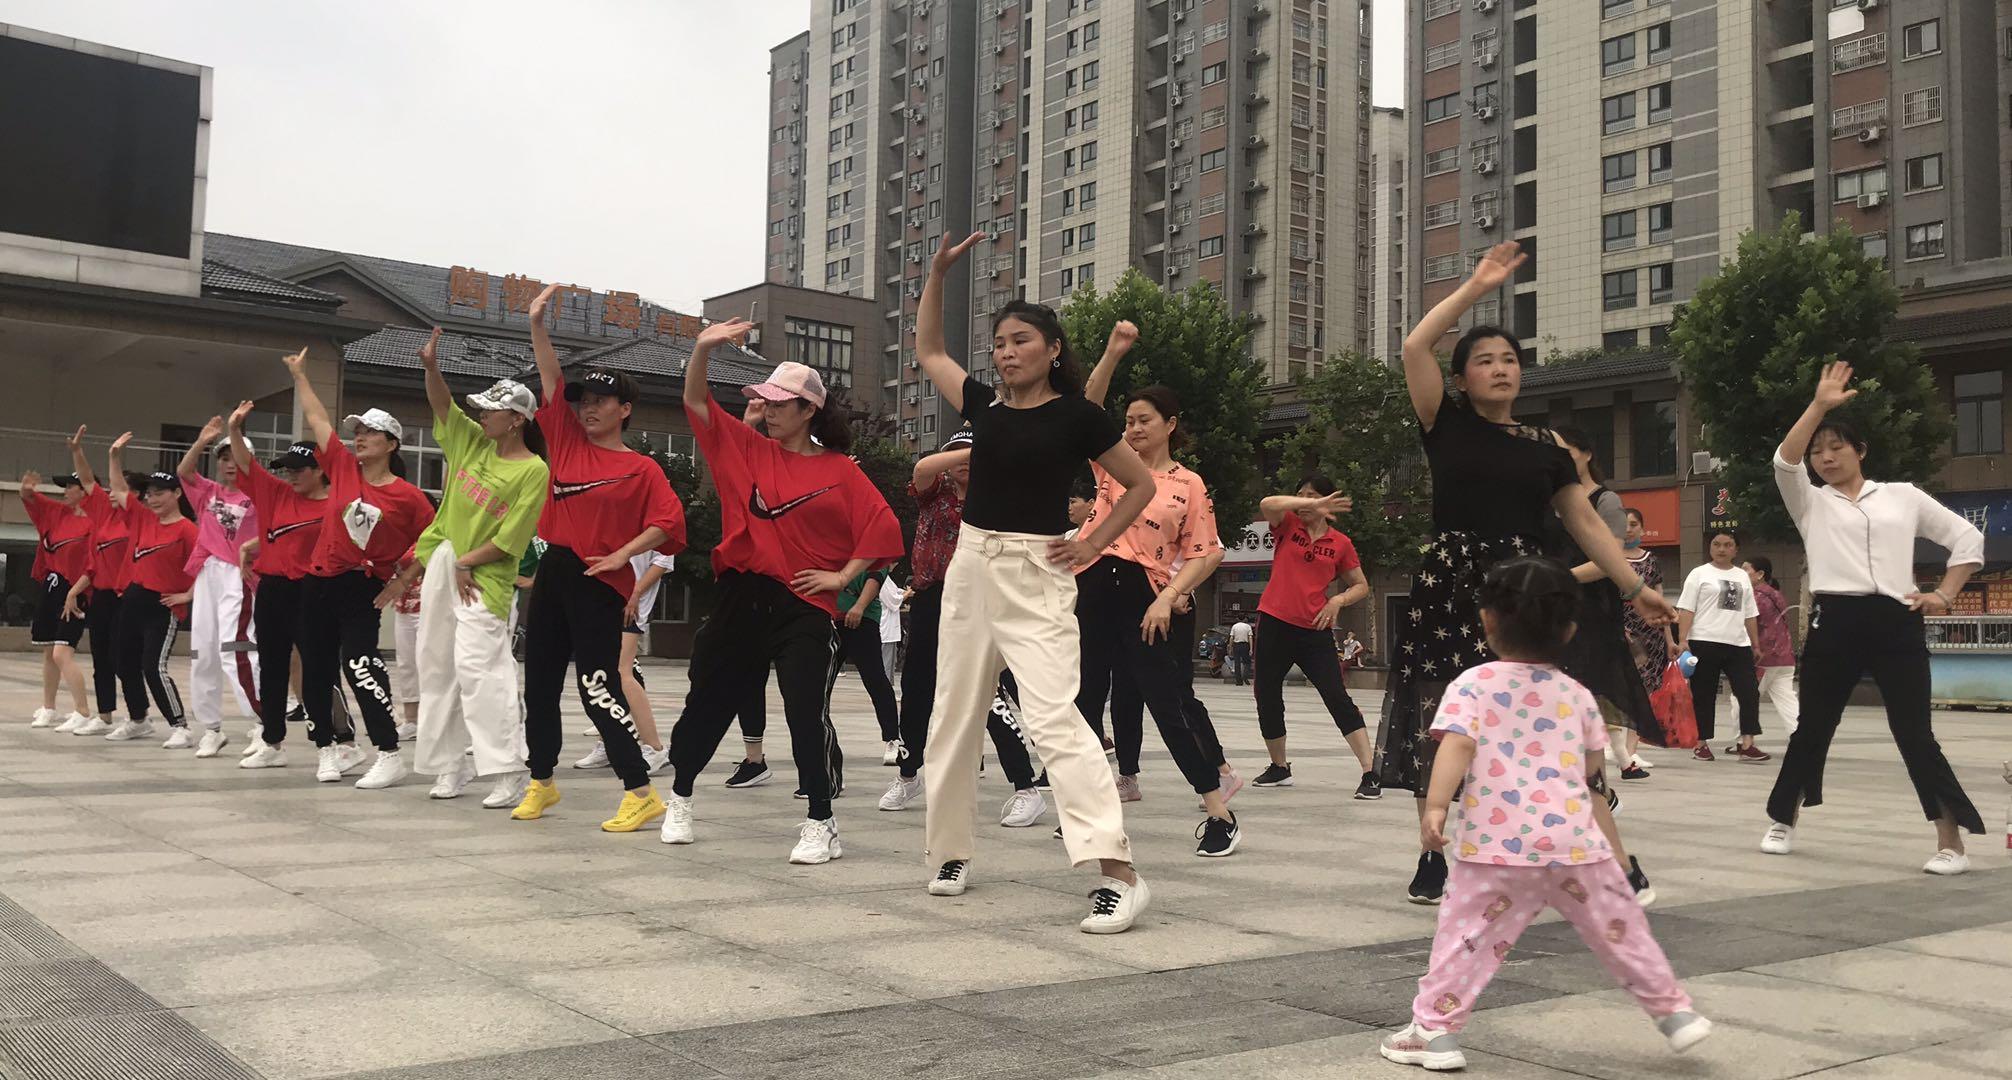 疫情缓和后,陪读妈妈们在广场跳舞。本文图片除署名外 澎湃新闻记者 何利权 图